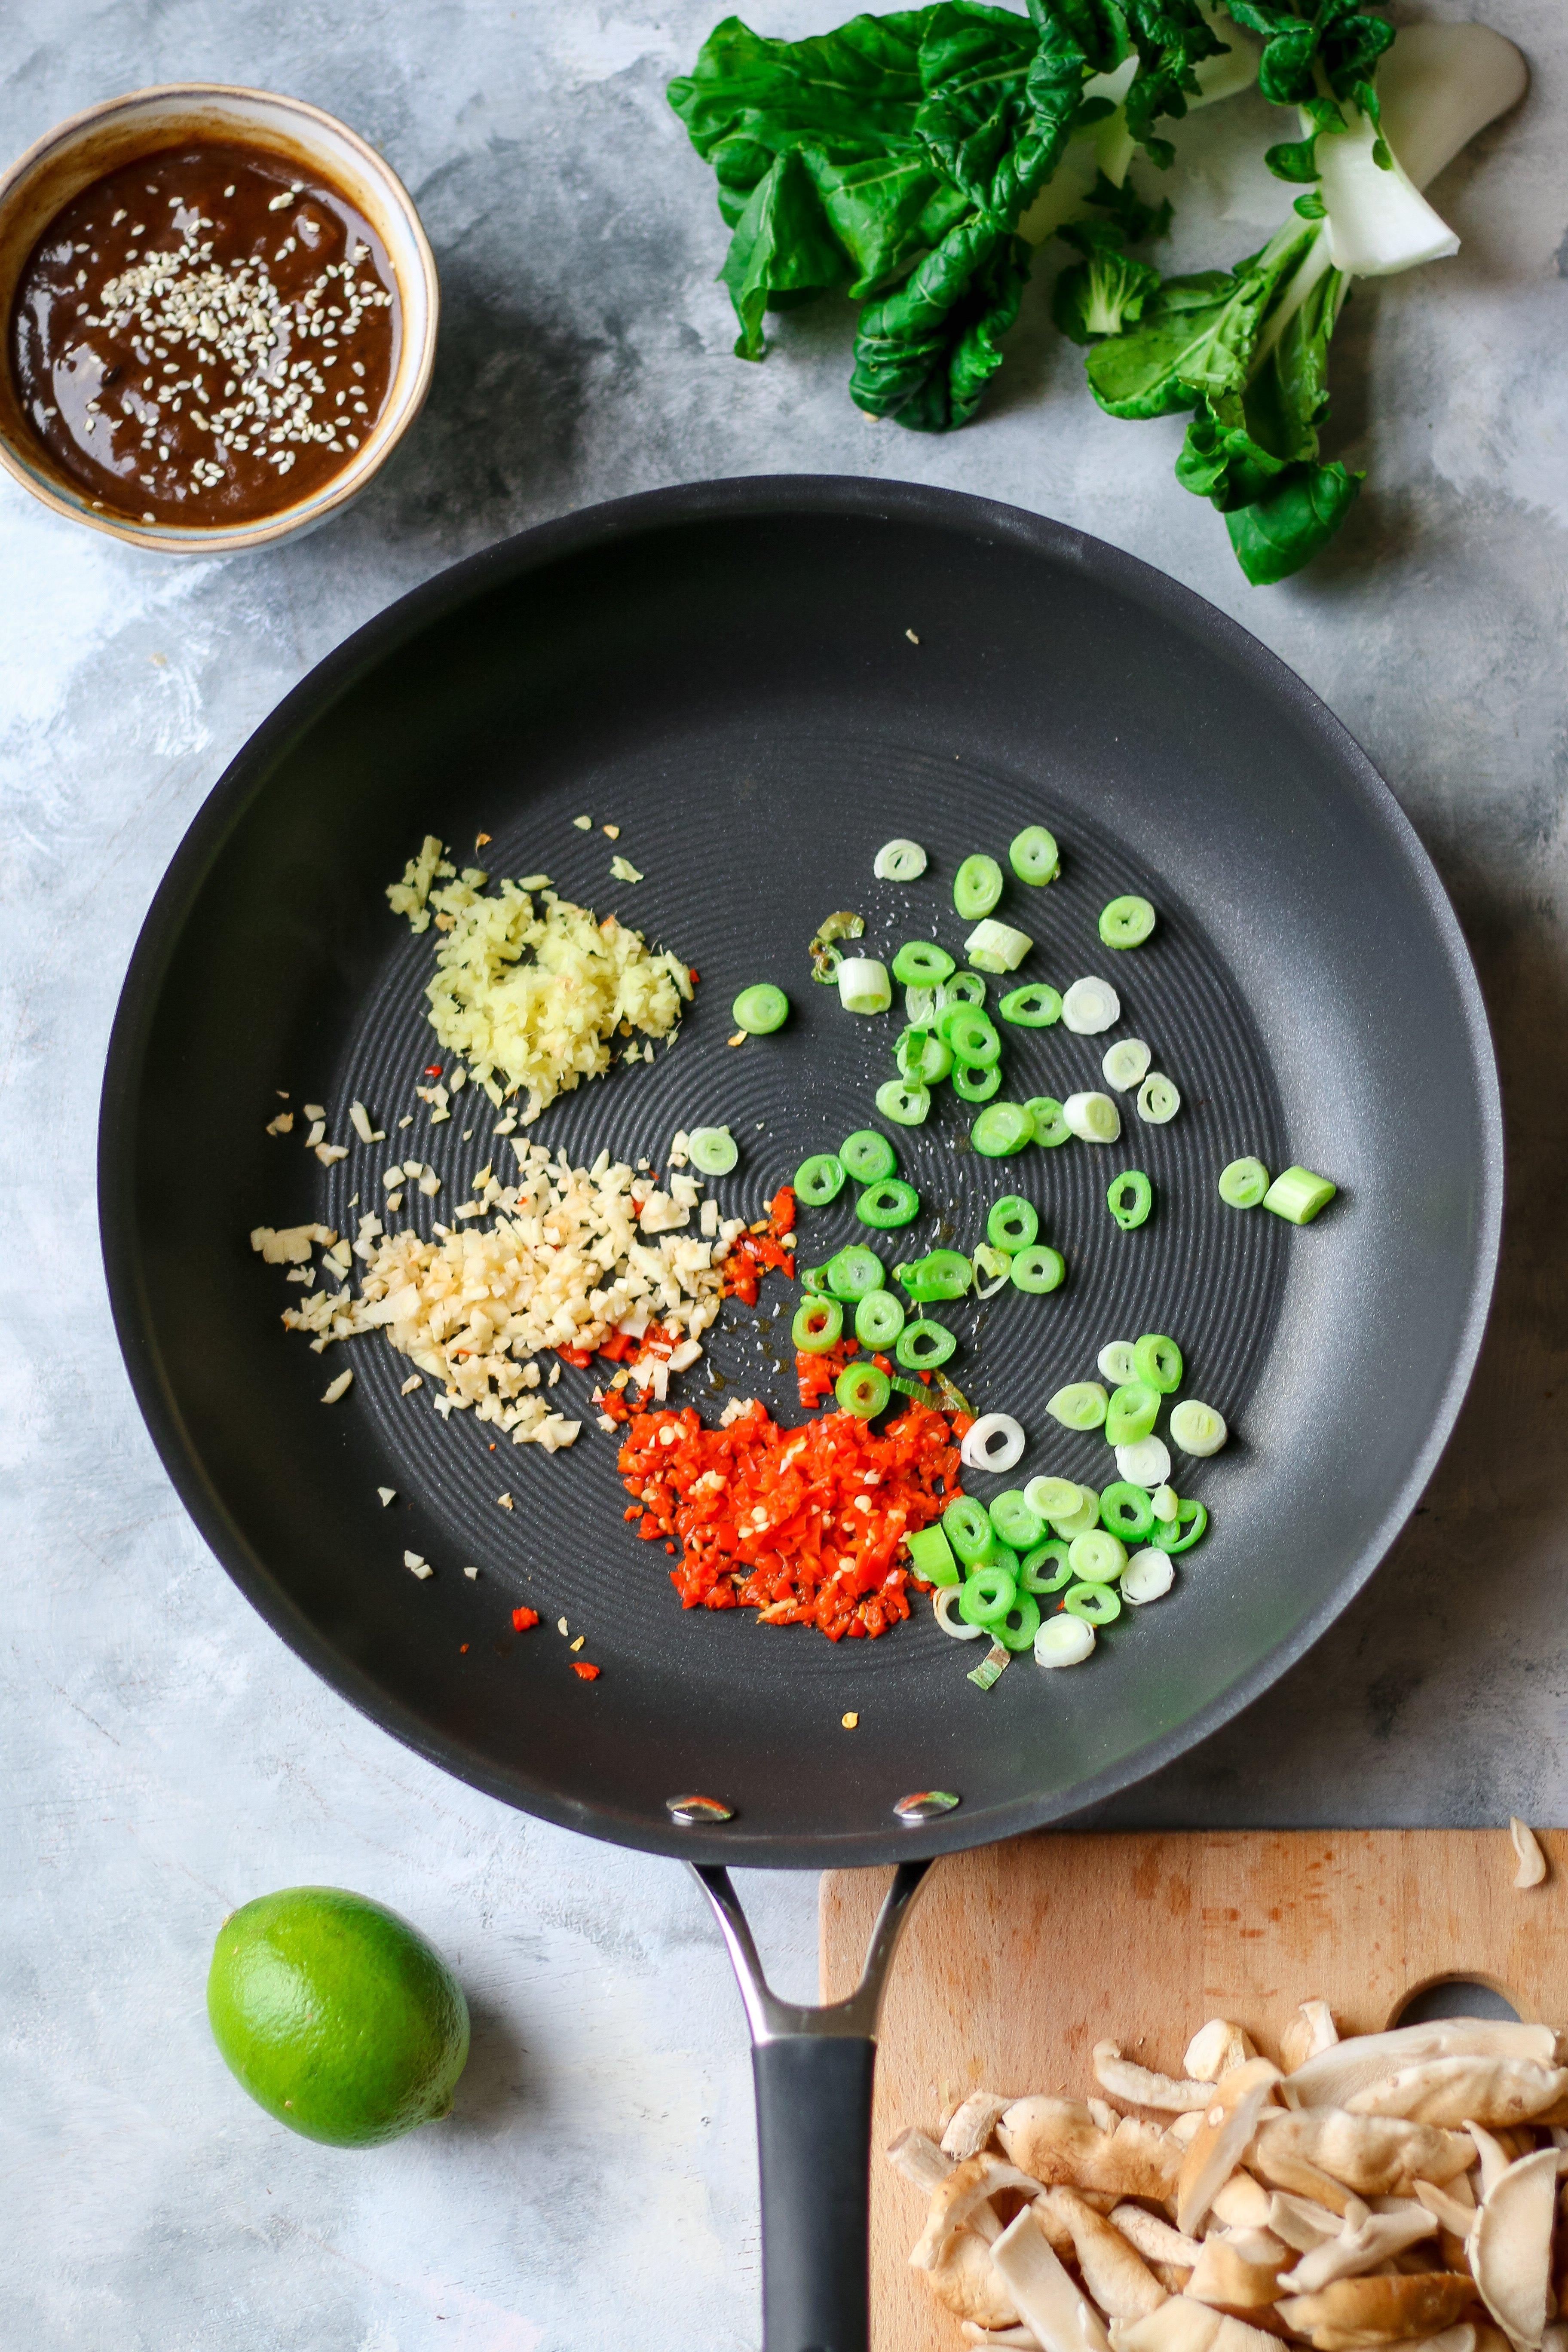 bao bun recipe vegan